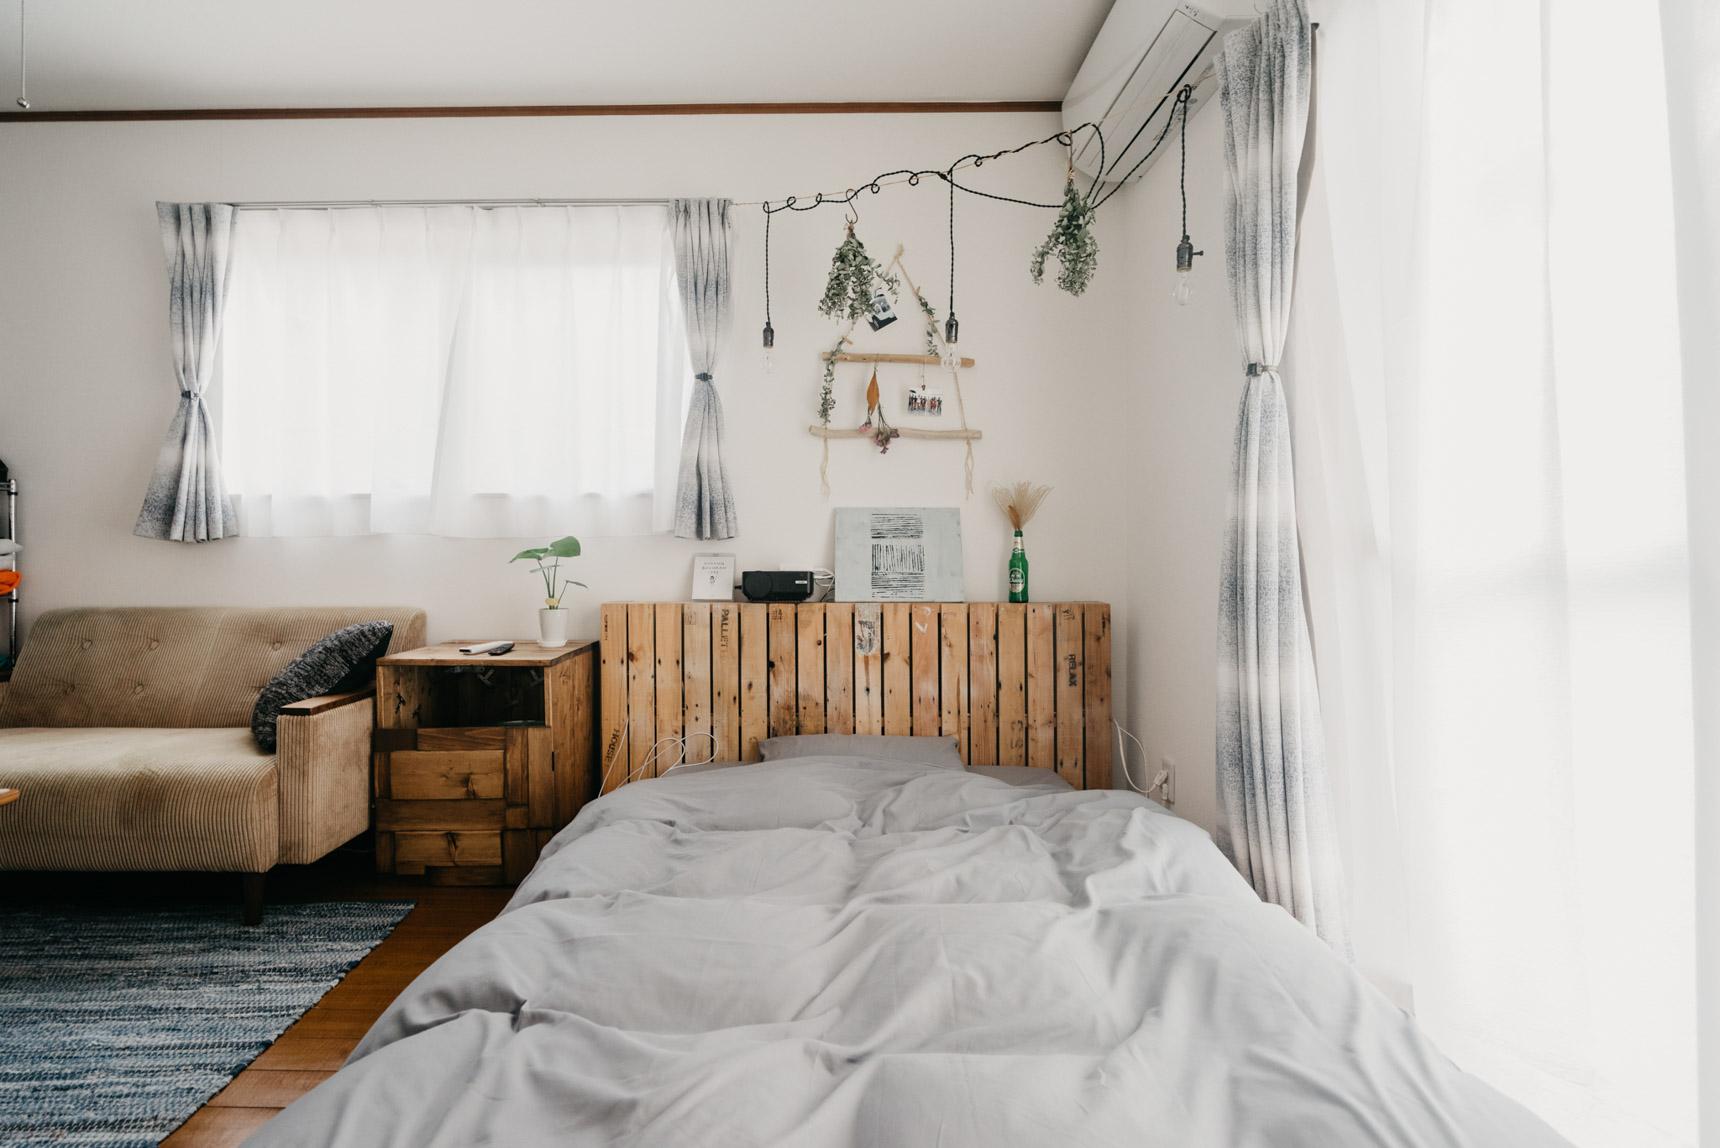 木製パレットに合わせたヘッドボードと、ベッドサイドの棚もDIY。ベッドサイドの棚は、ベッド、それにソファのサイズを測って、一番最初にここに作ることを決めたそう。